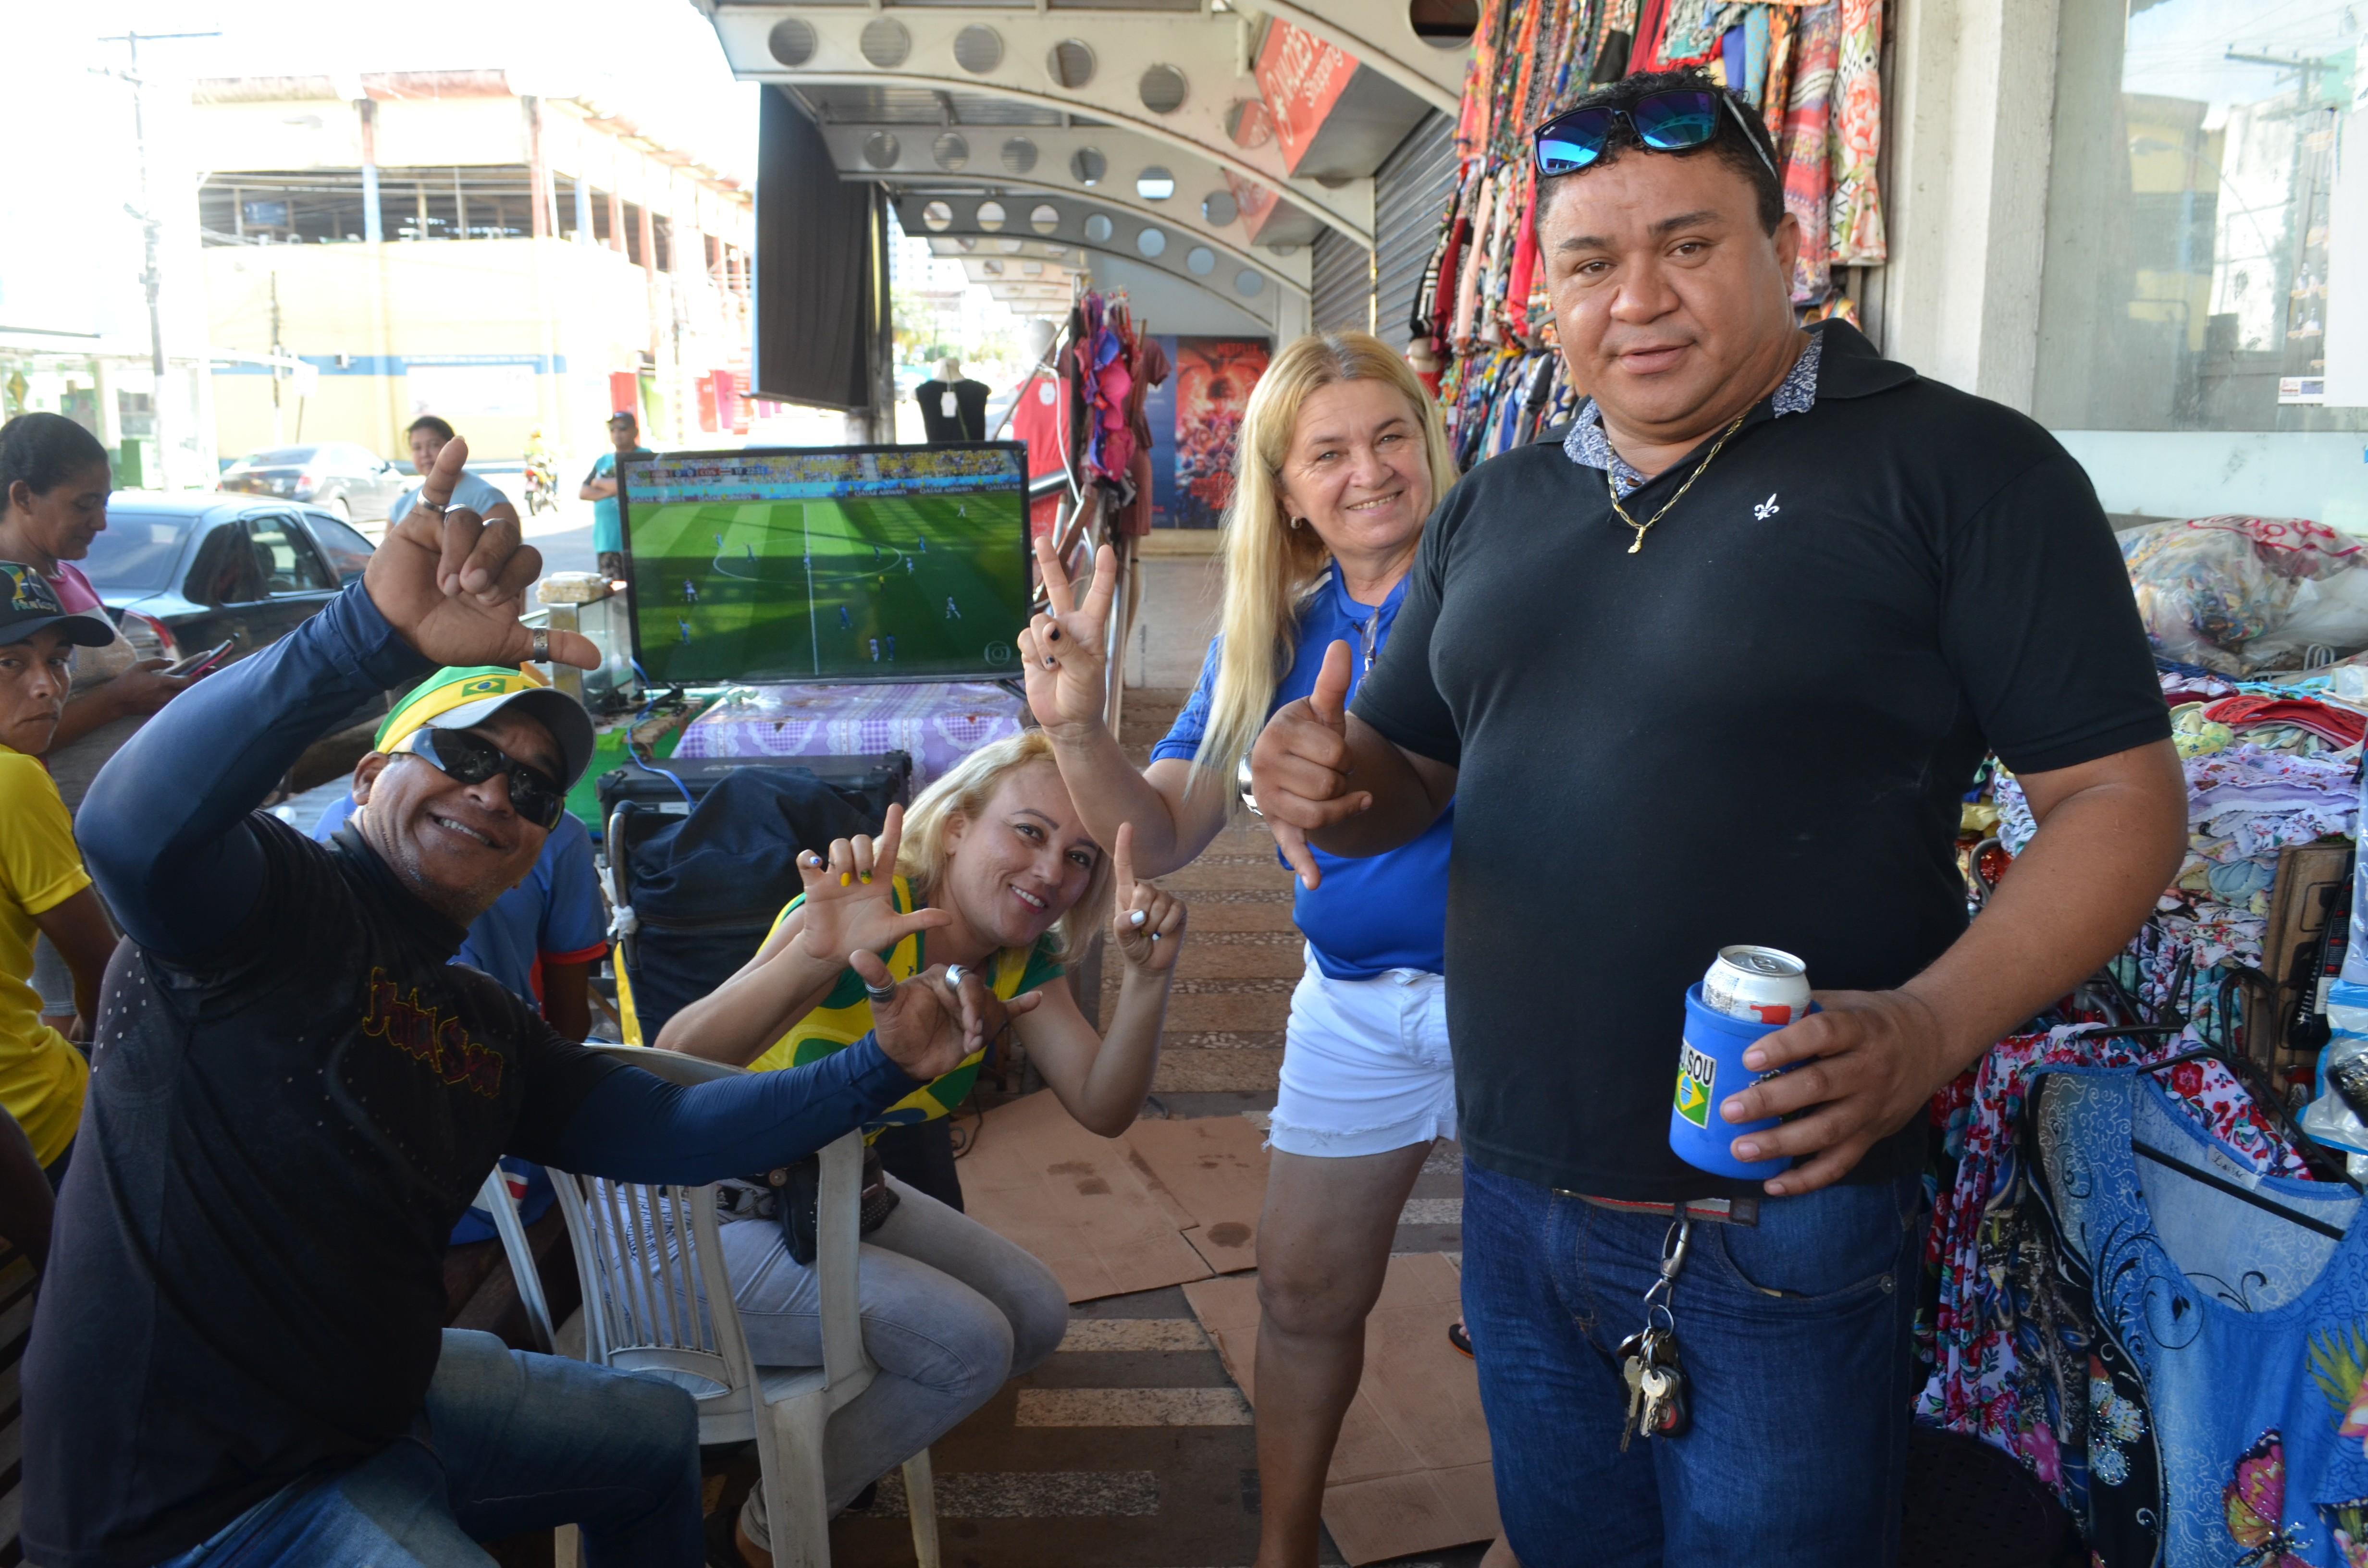 Funcionários do centro comercial de Macapá dão um 'jeitinho' de ver a seleção no trabalho